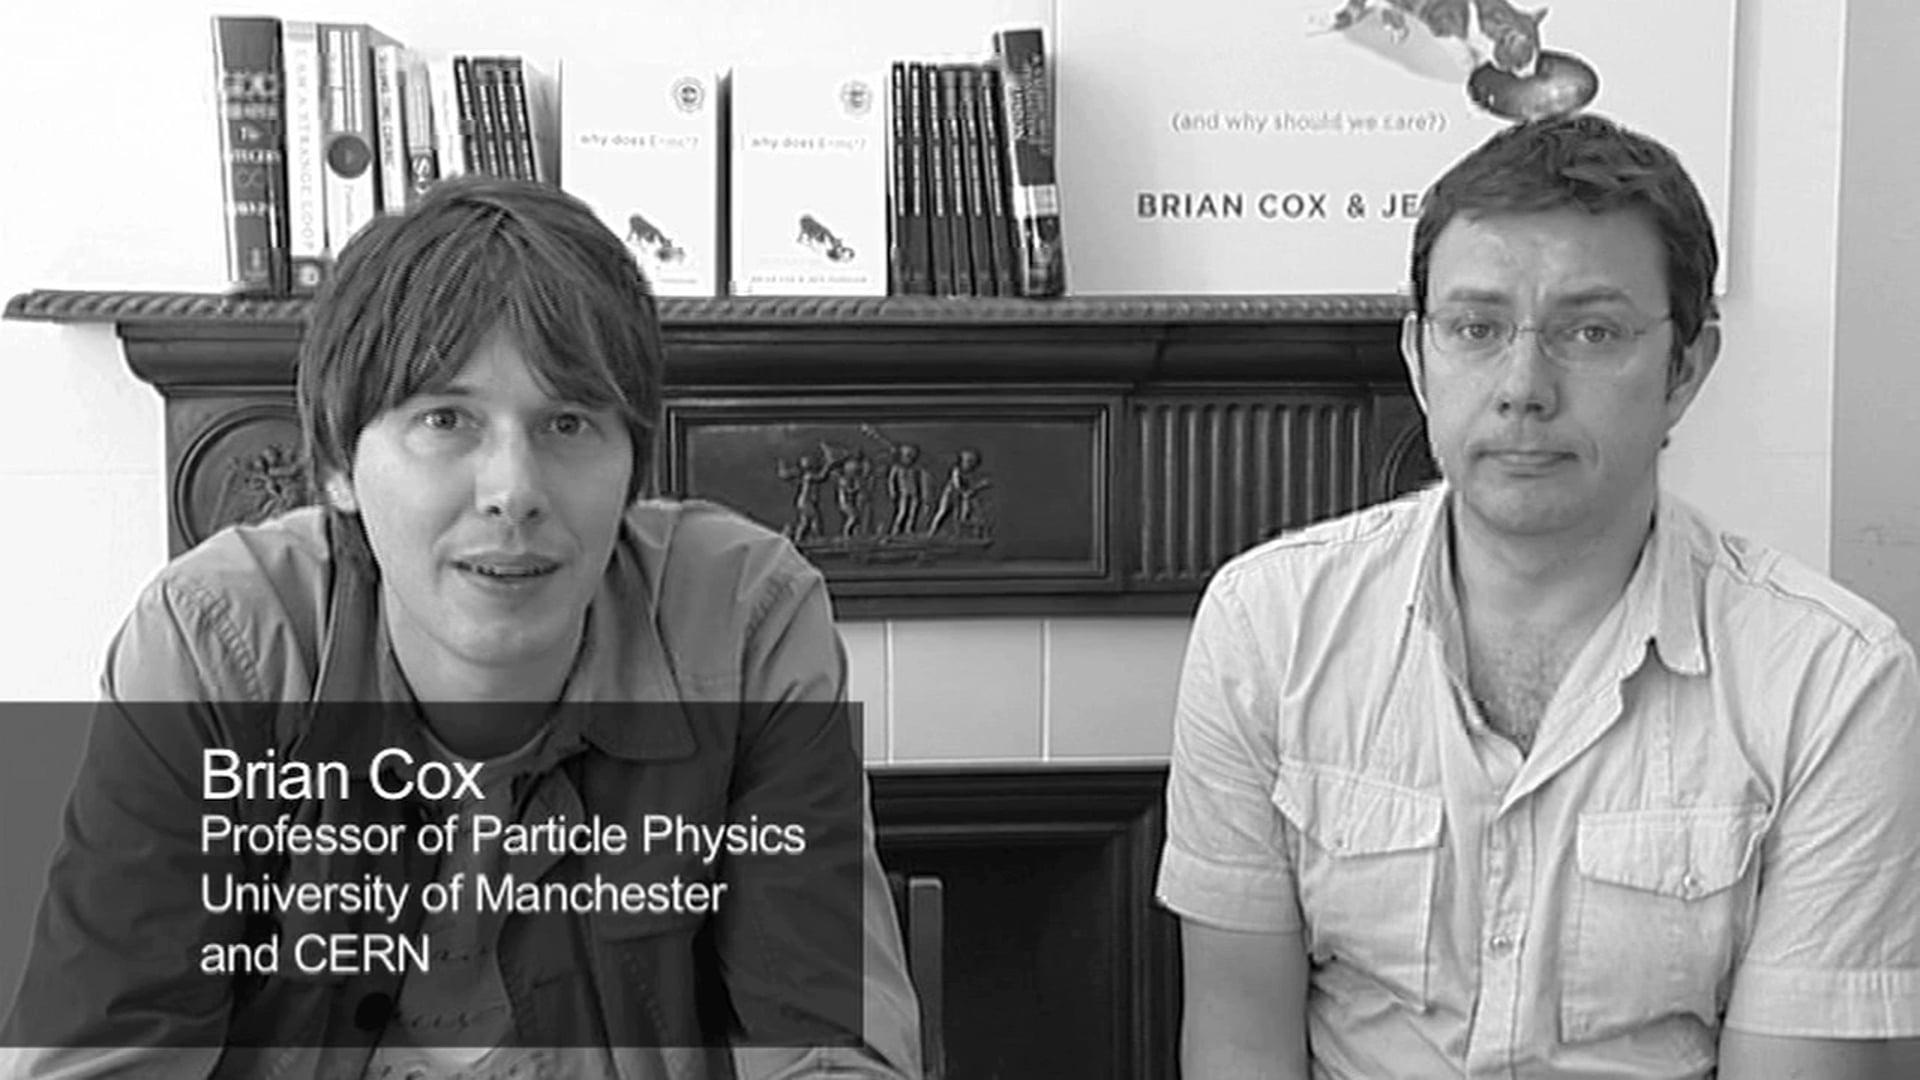 Brian Cox and Jeff Forshaw (E=mc2)